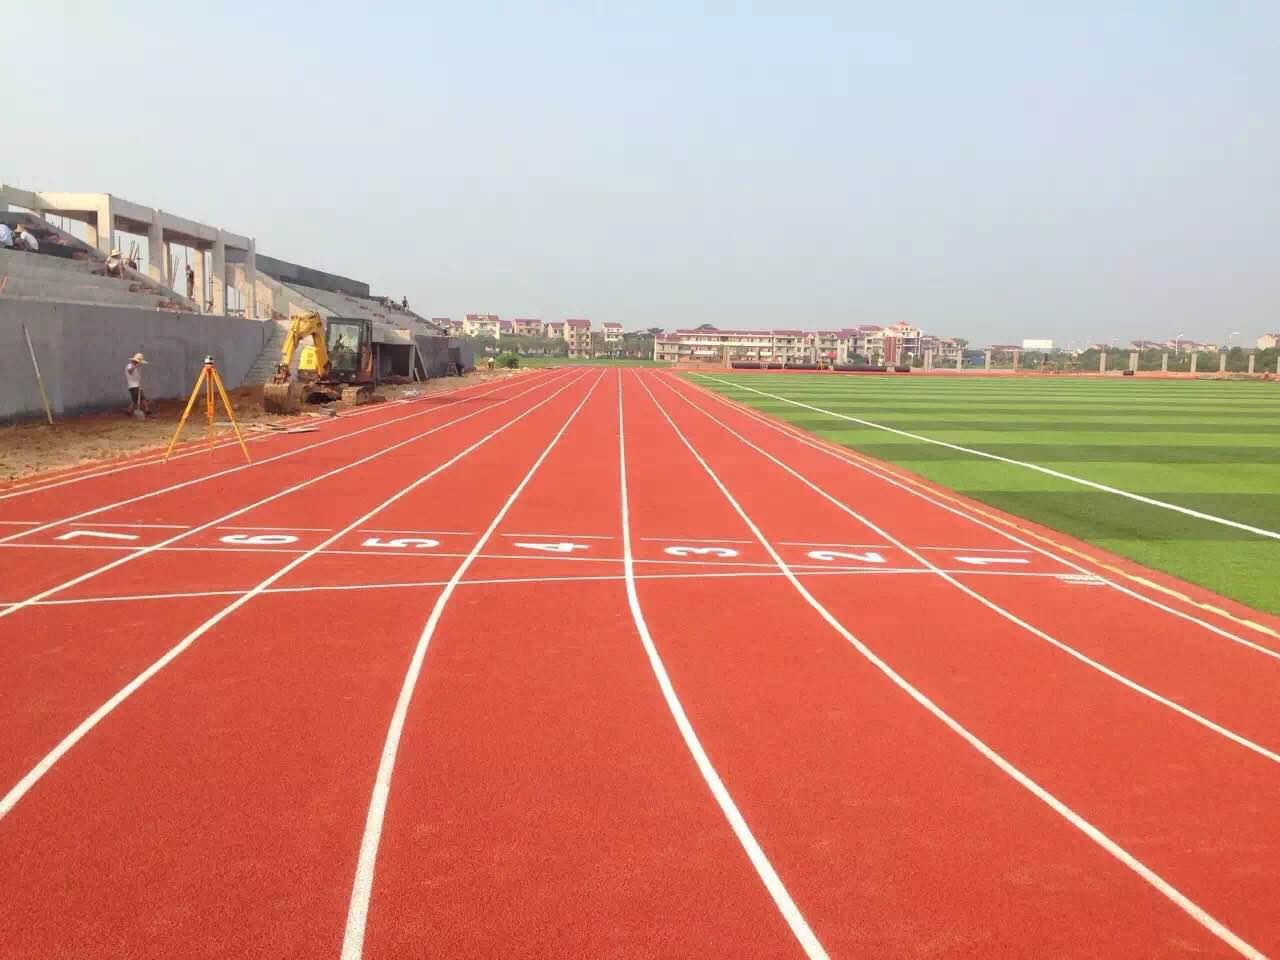 北京混合型塑胶跑道厂 福建健业体育设施工程供应